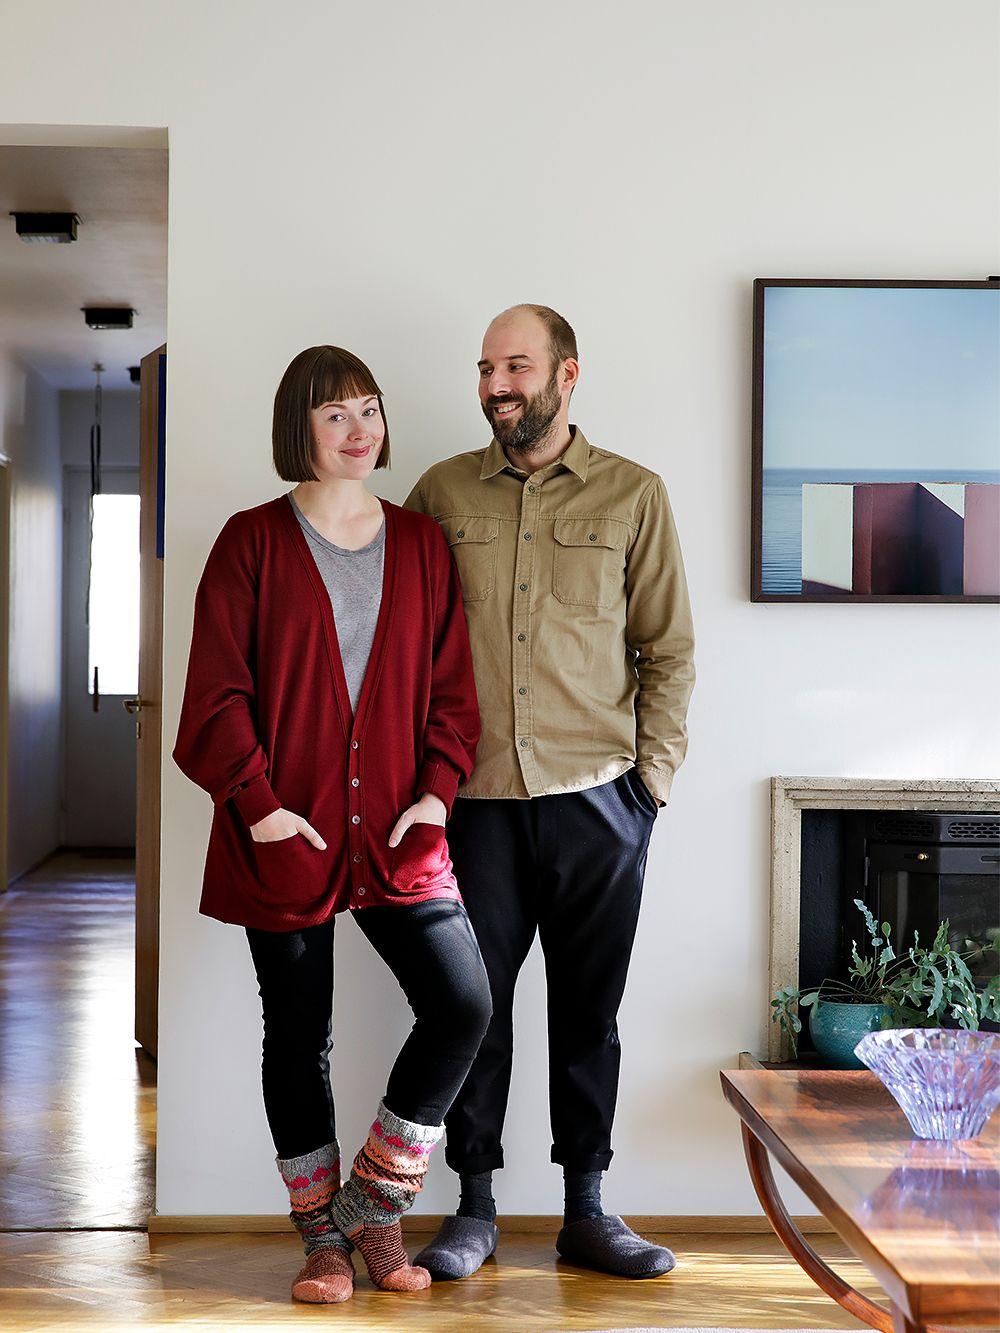 Elisa Konttinen and Antti-Jussi Silvennoinen